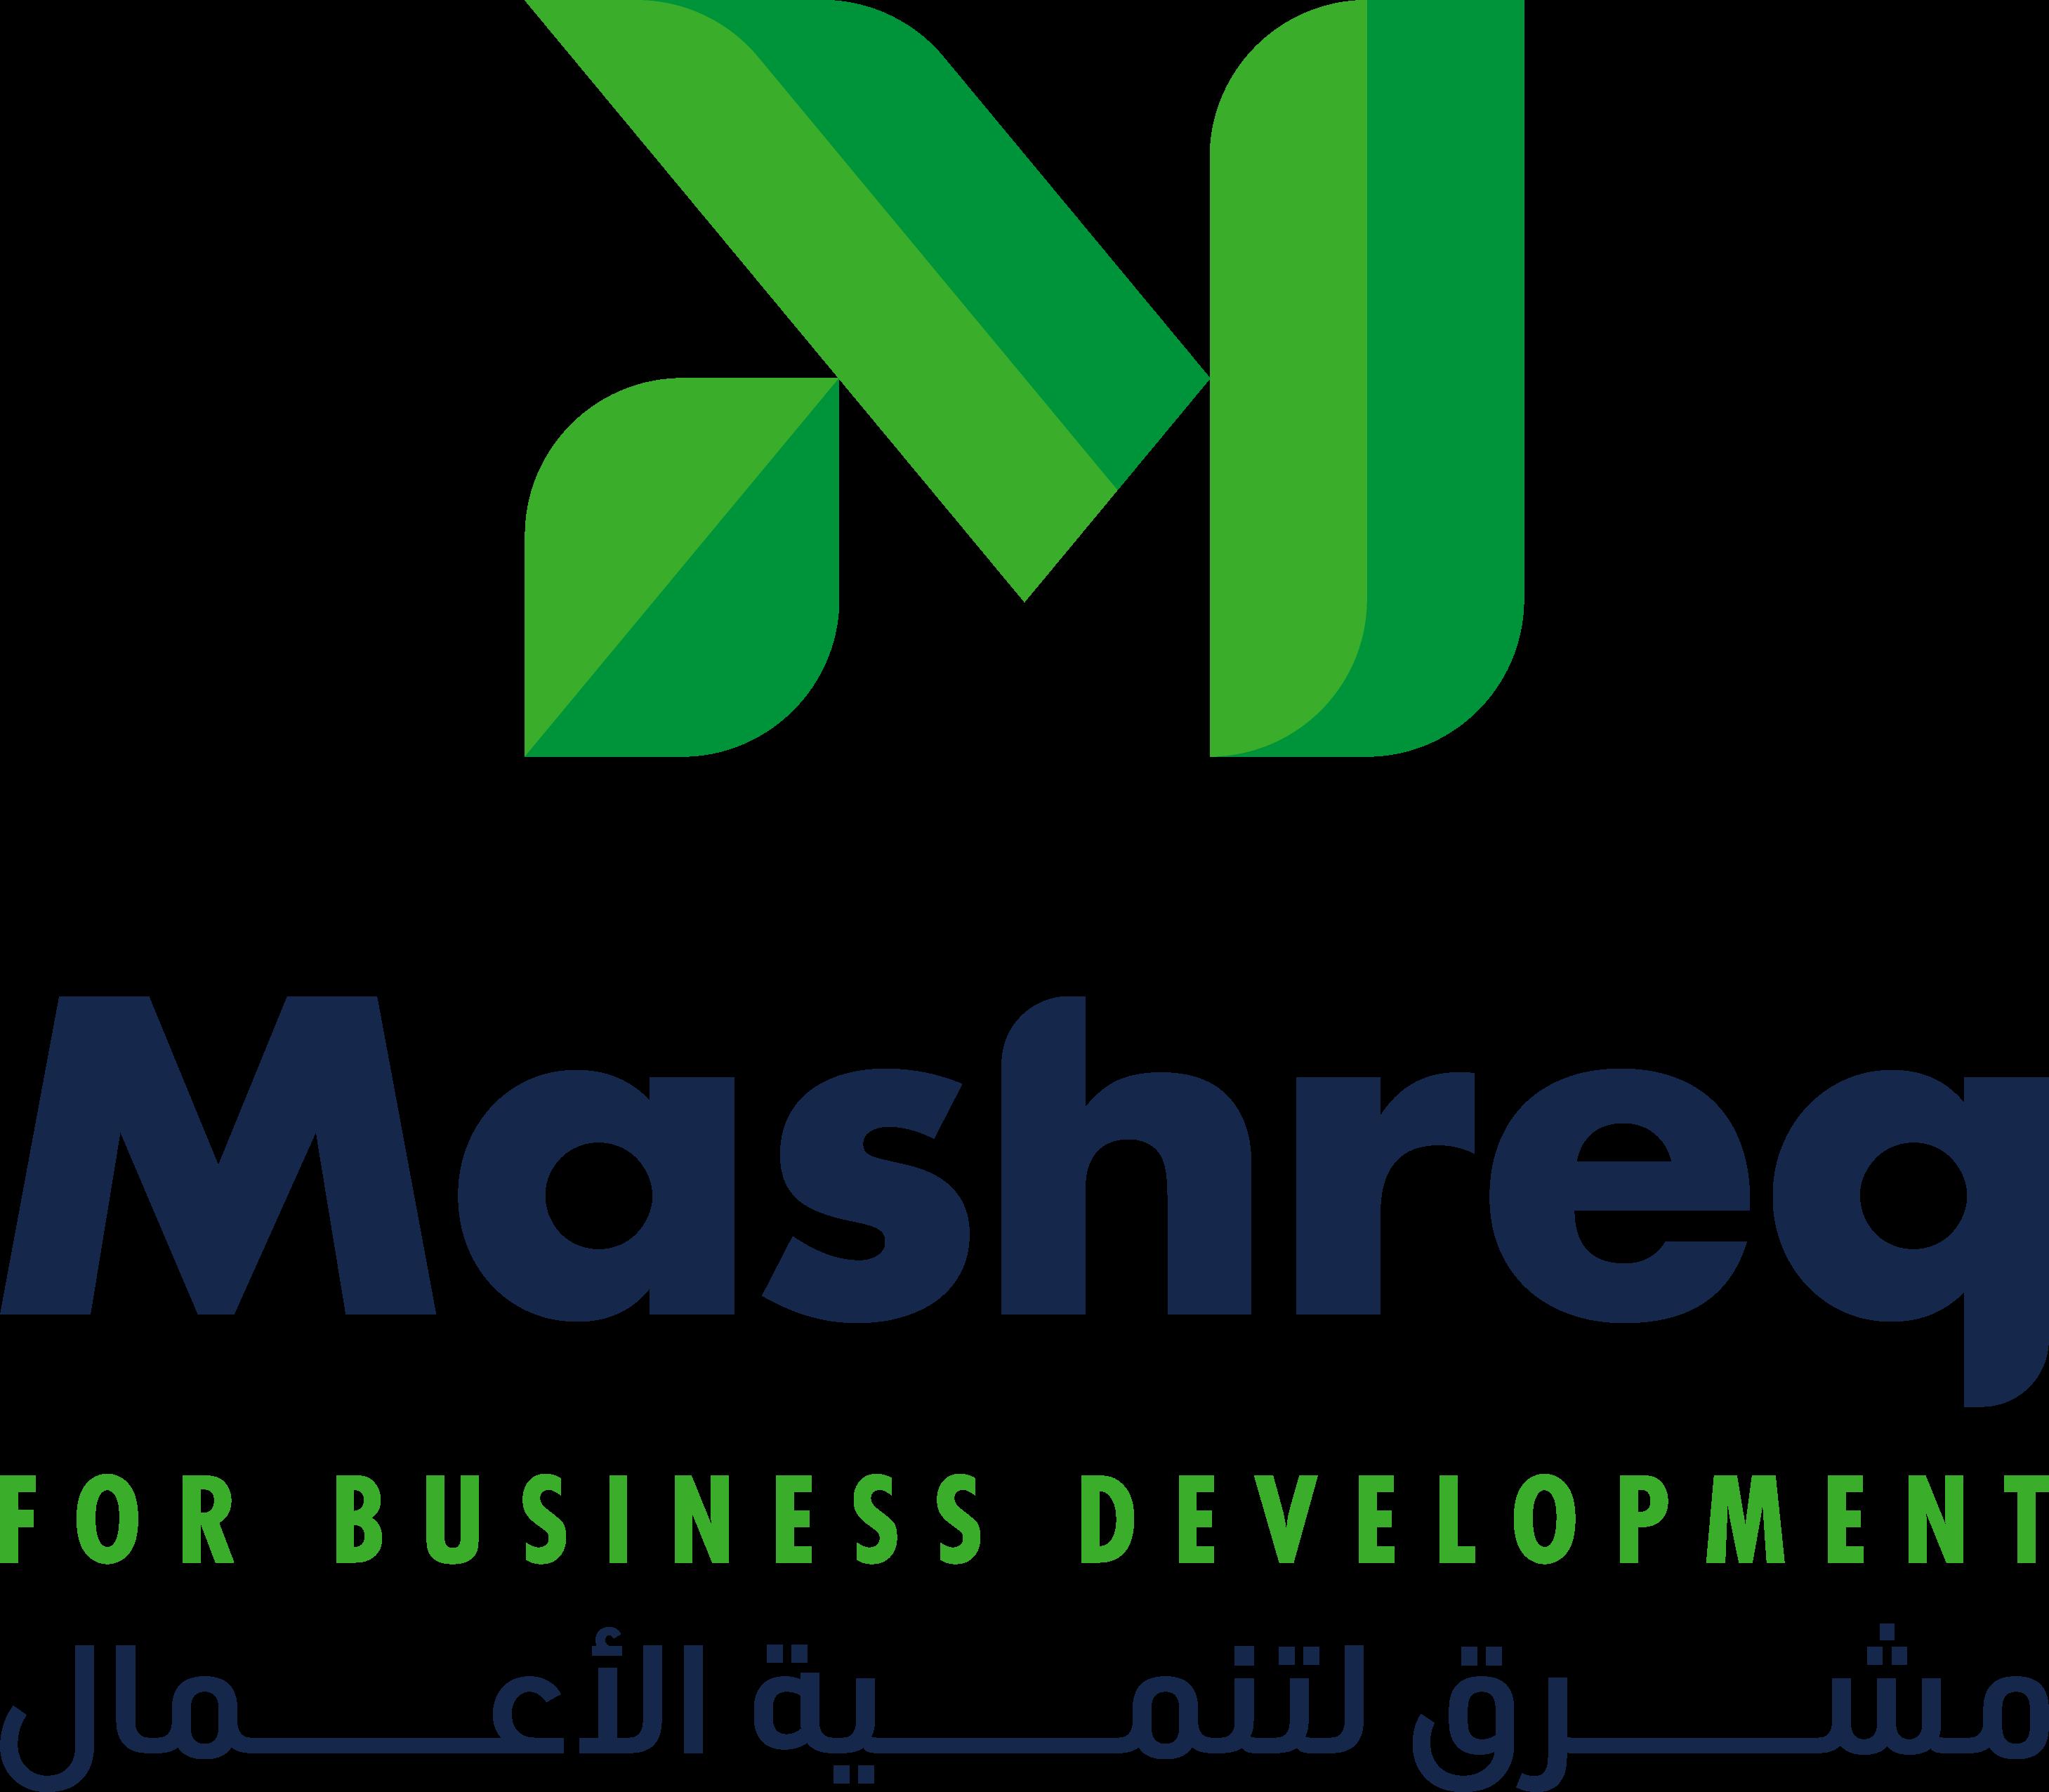 Mashreq For Business Development